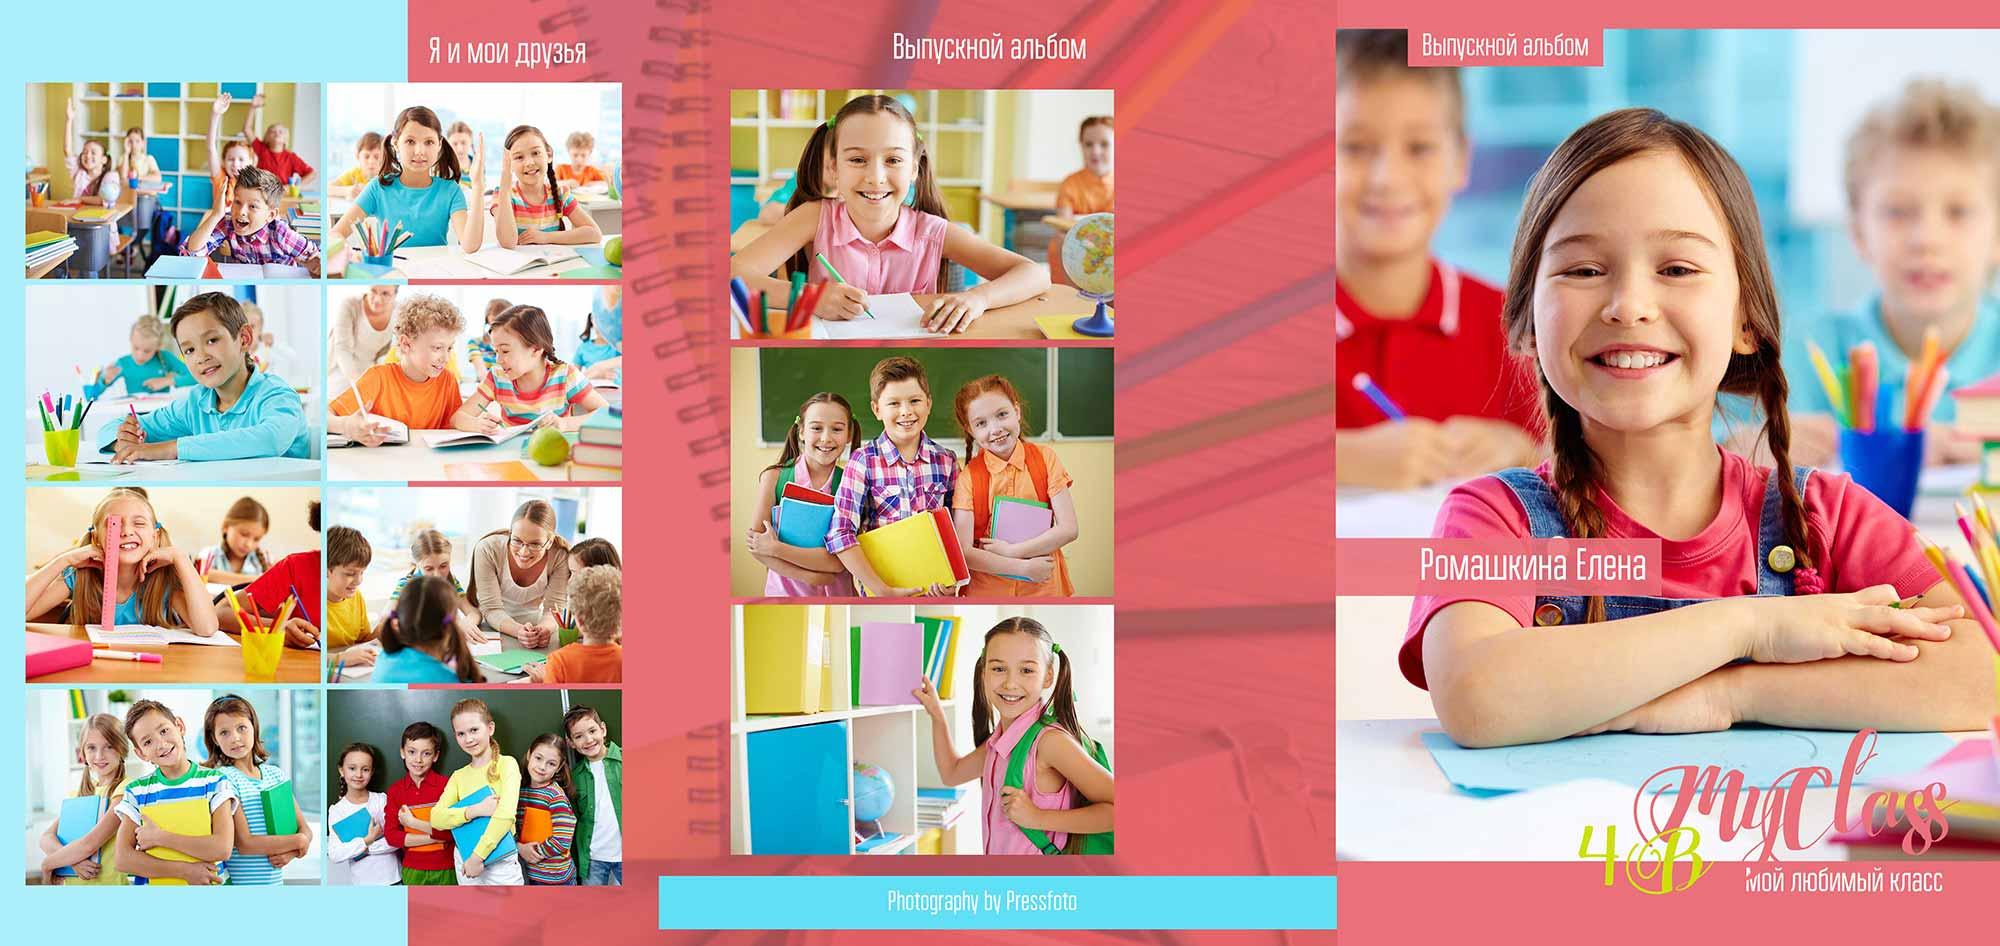 выпускной фотоальбом для школы и детского сада